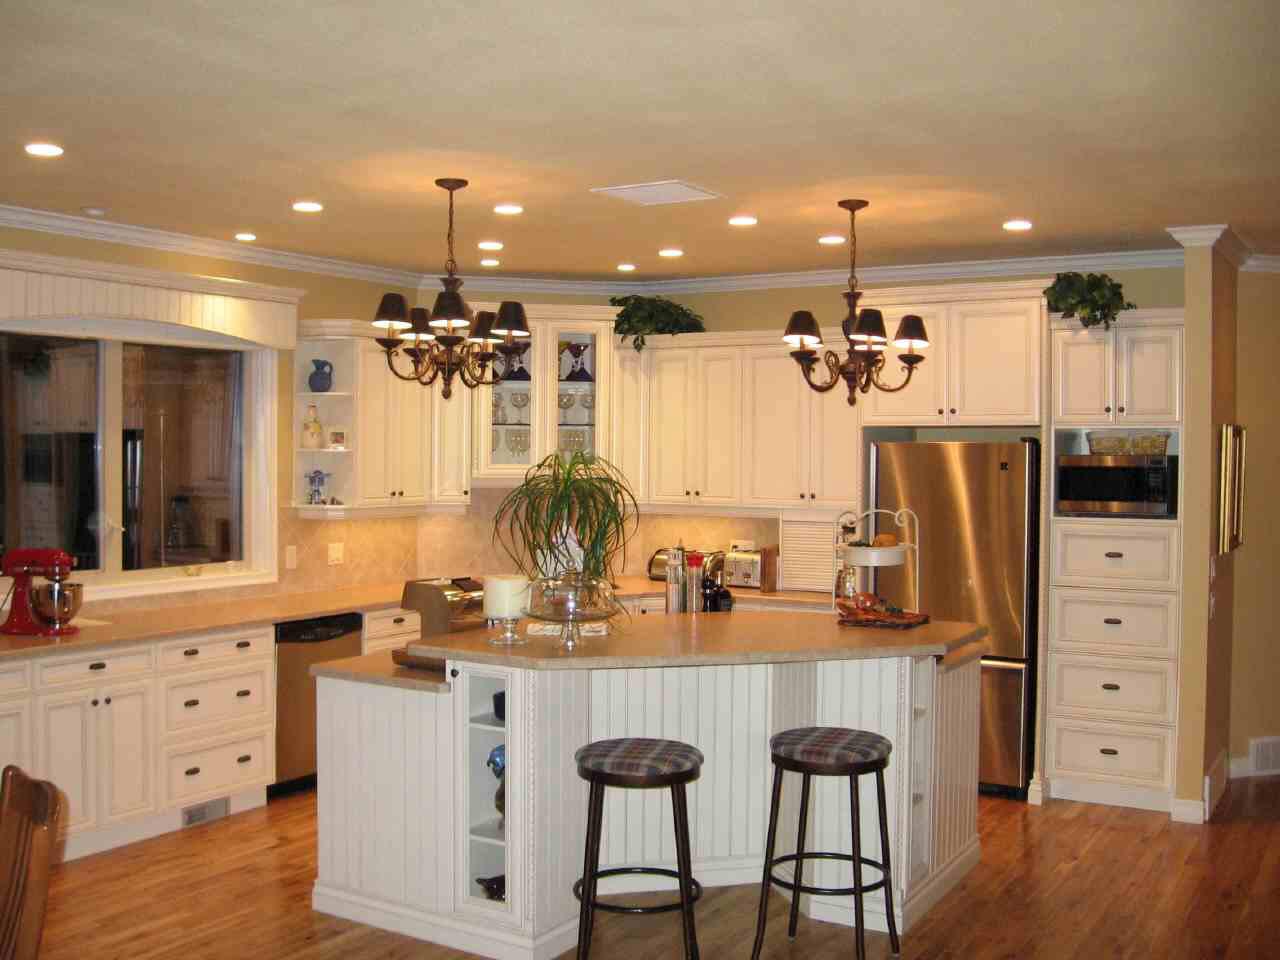 White kitchen stools photo - 1